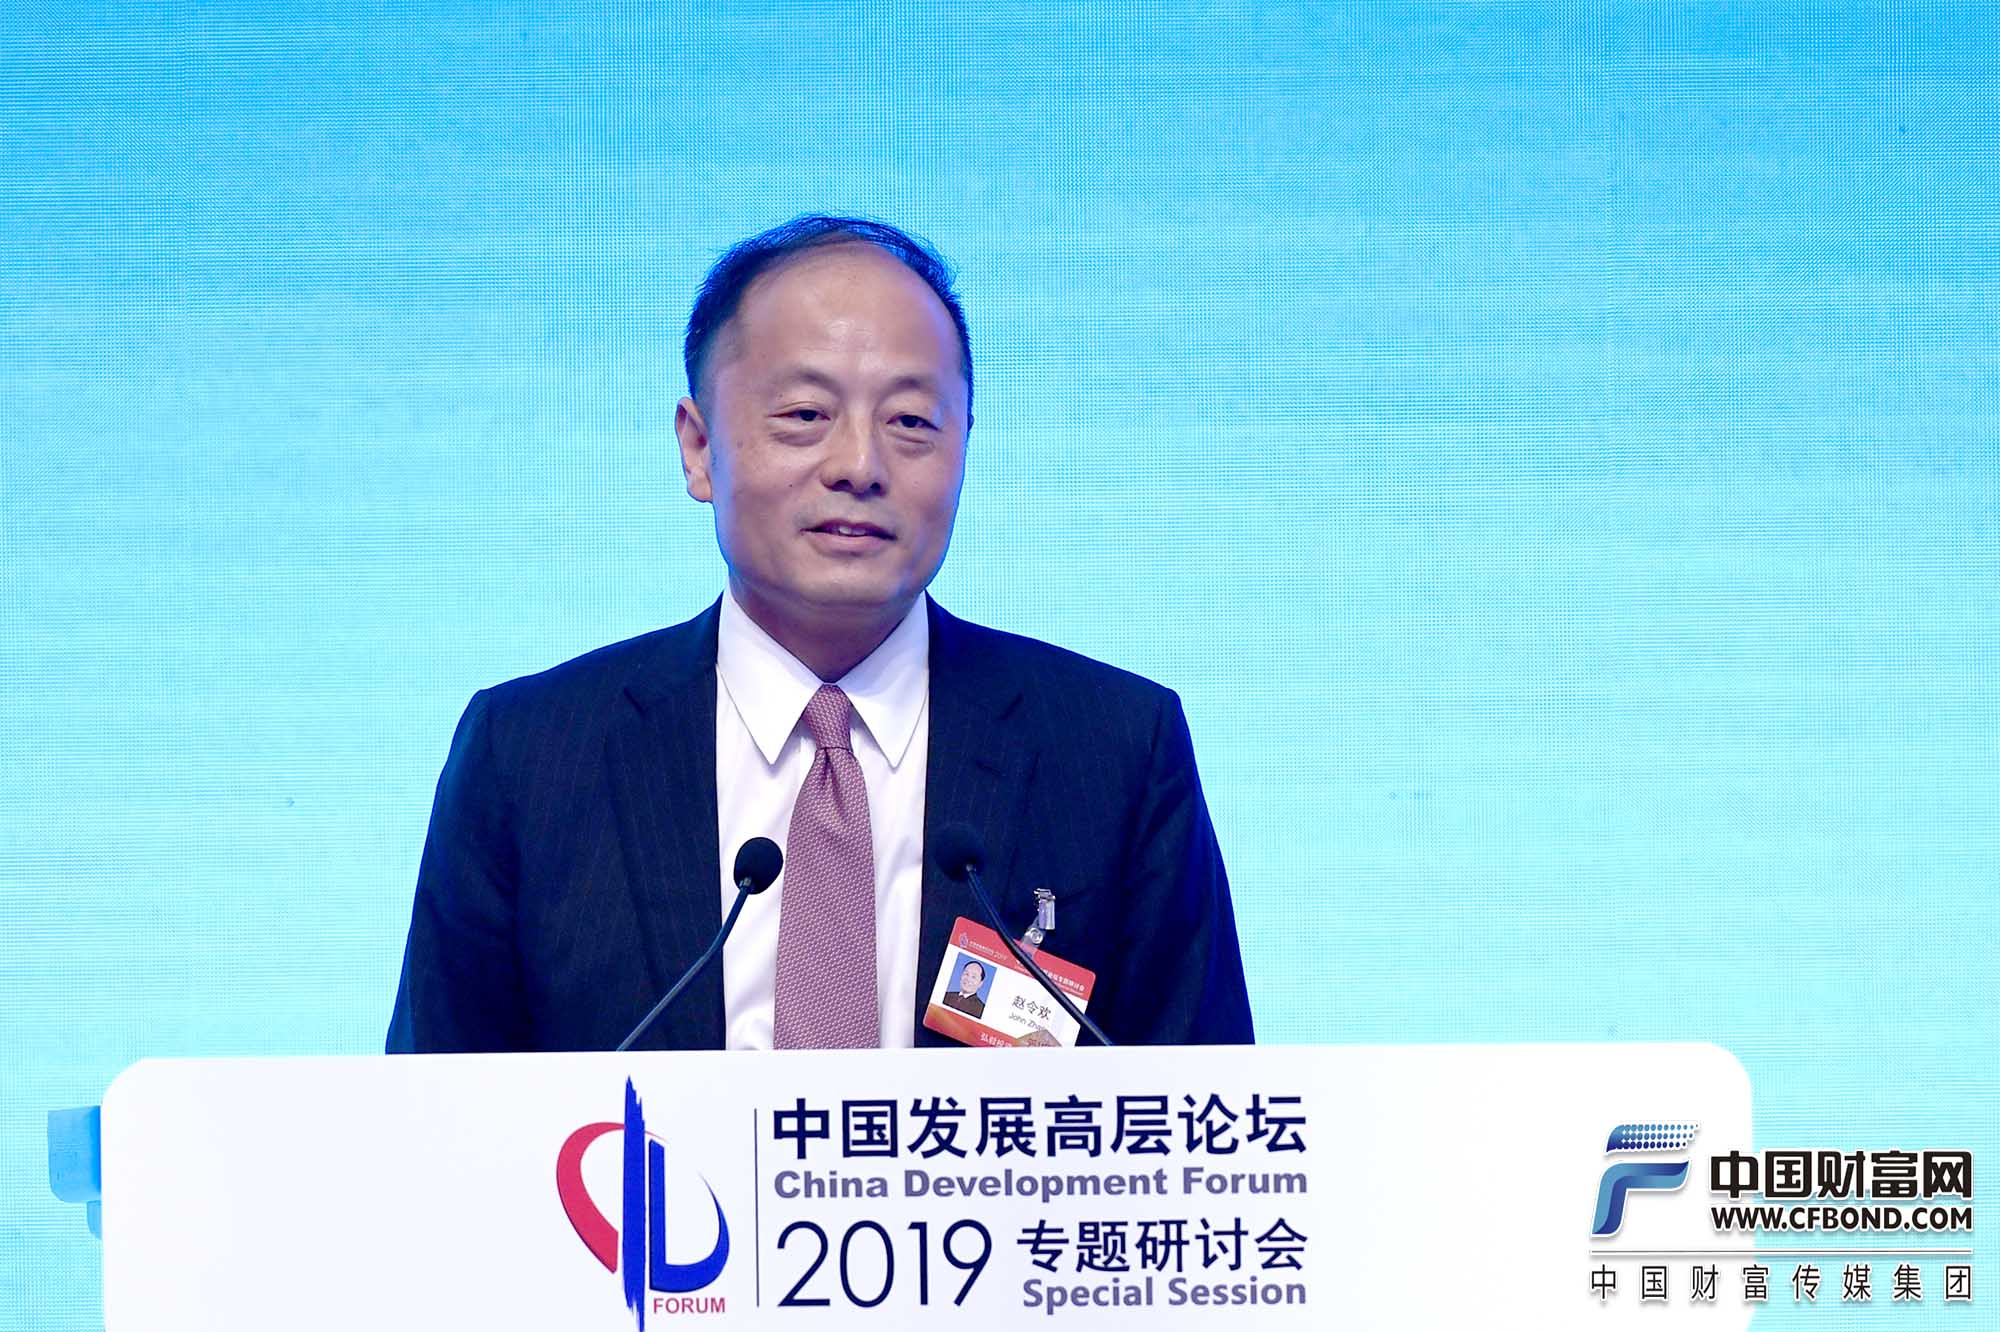 中美交流基金会理事、弘毅投资董事长赵令欢